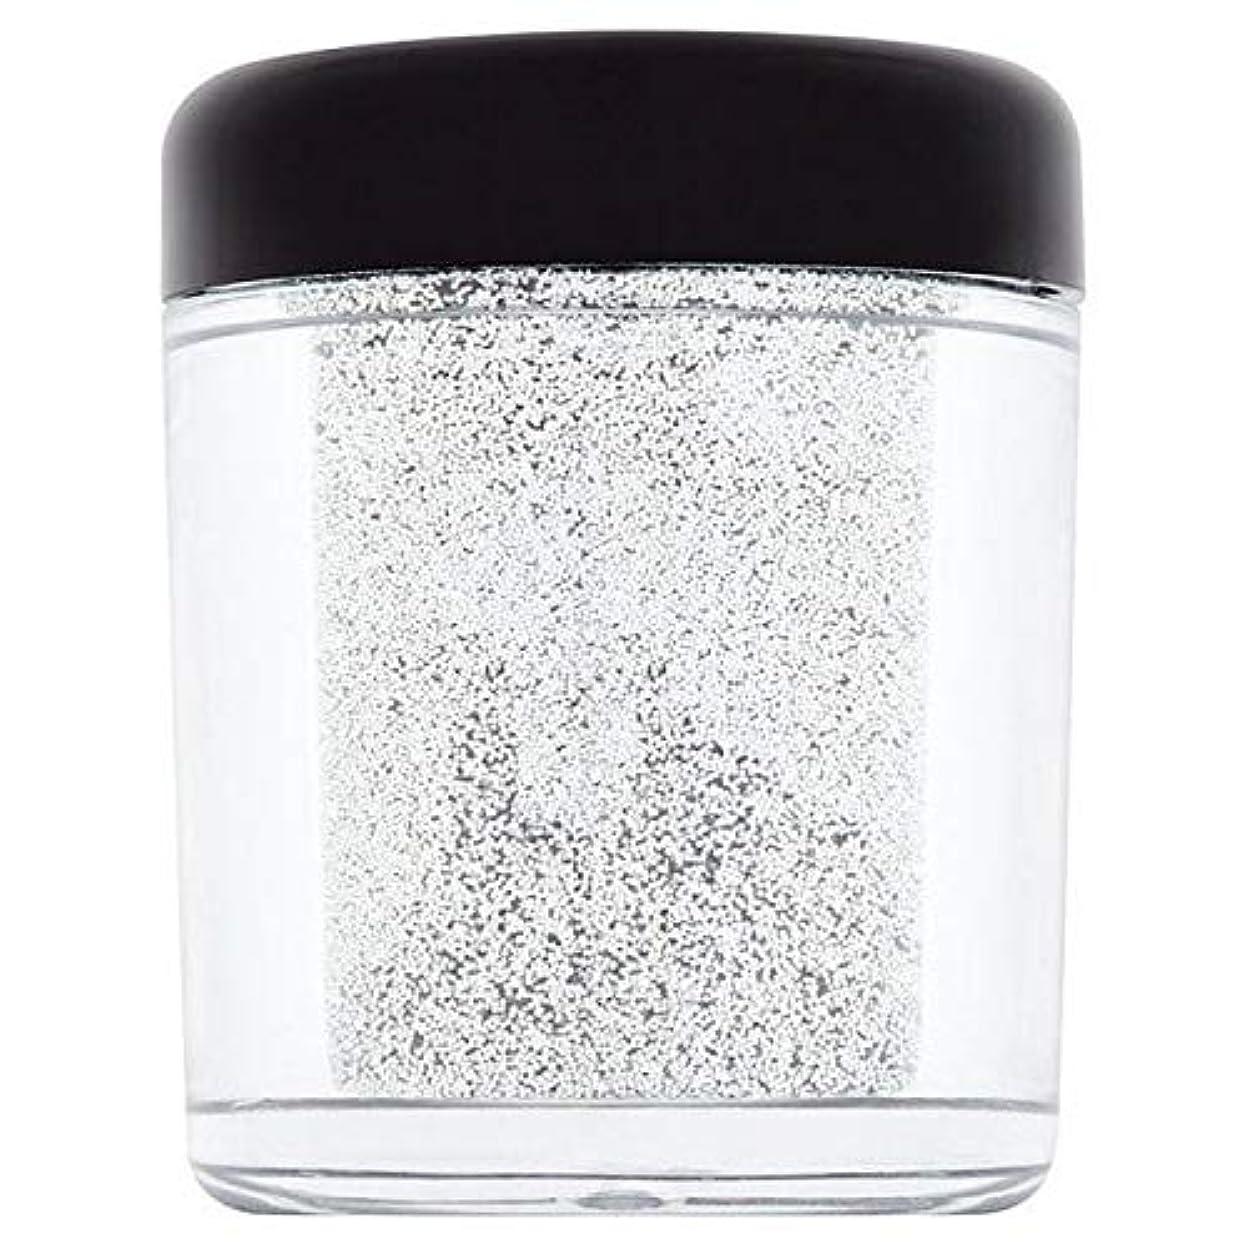 休日に作曲家異邦人[Collection ] 天使2を回収グラムの結晶は、フェイス&ボディの輝きが落ち - Collection Glam Crystals Face & Body Glitter Fallen Angel 2 [並行輸入品]